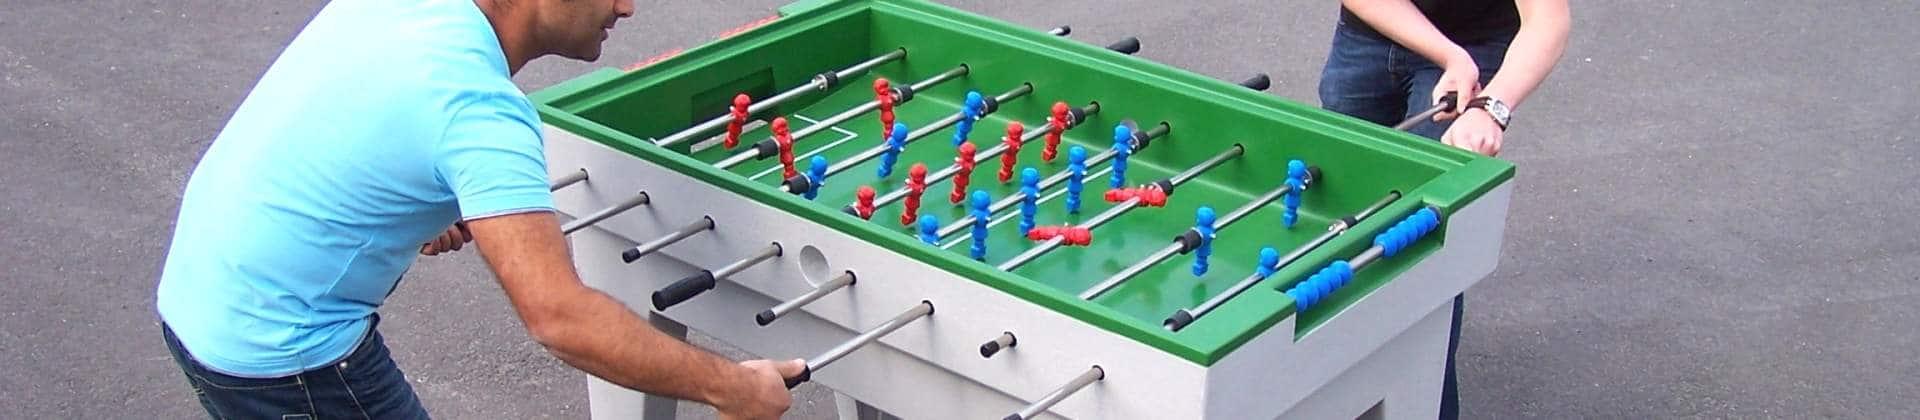 Best Outdoor Foosball Tables Reviewed in Detail